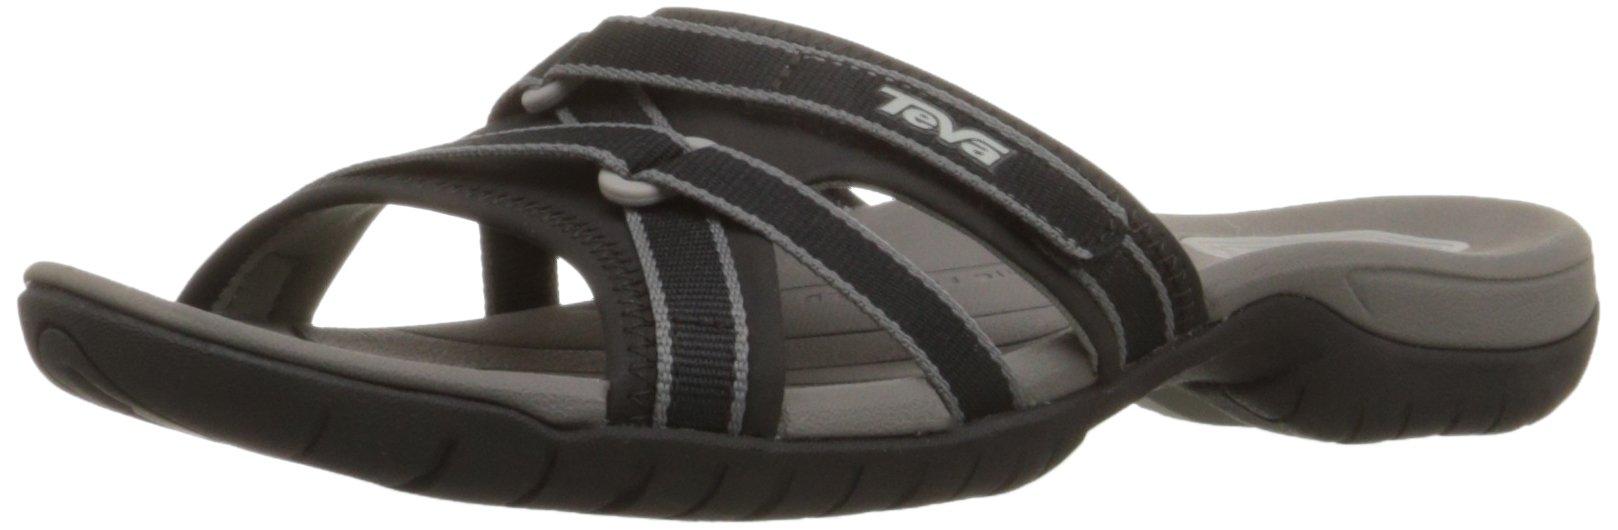 Teva Women's Tirra Slide Sandal,Black,9 M US